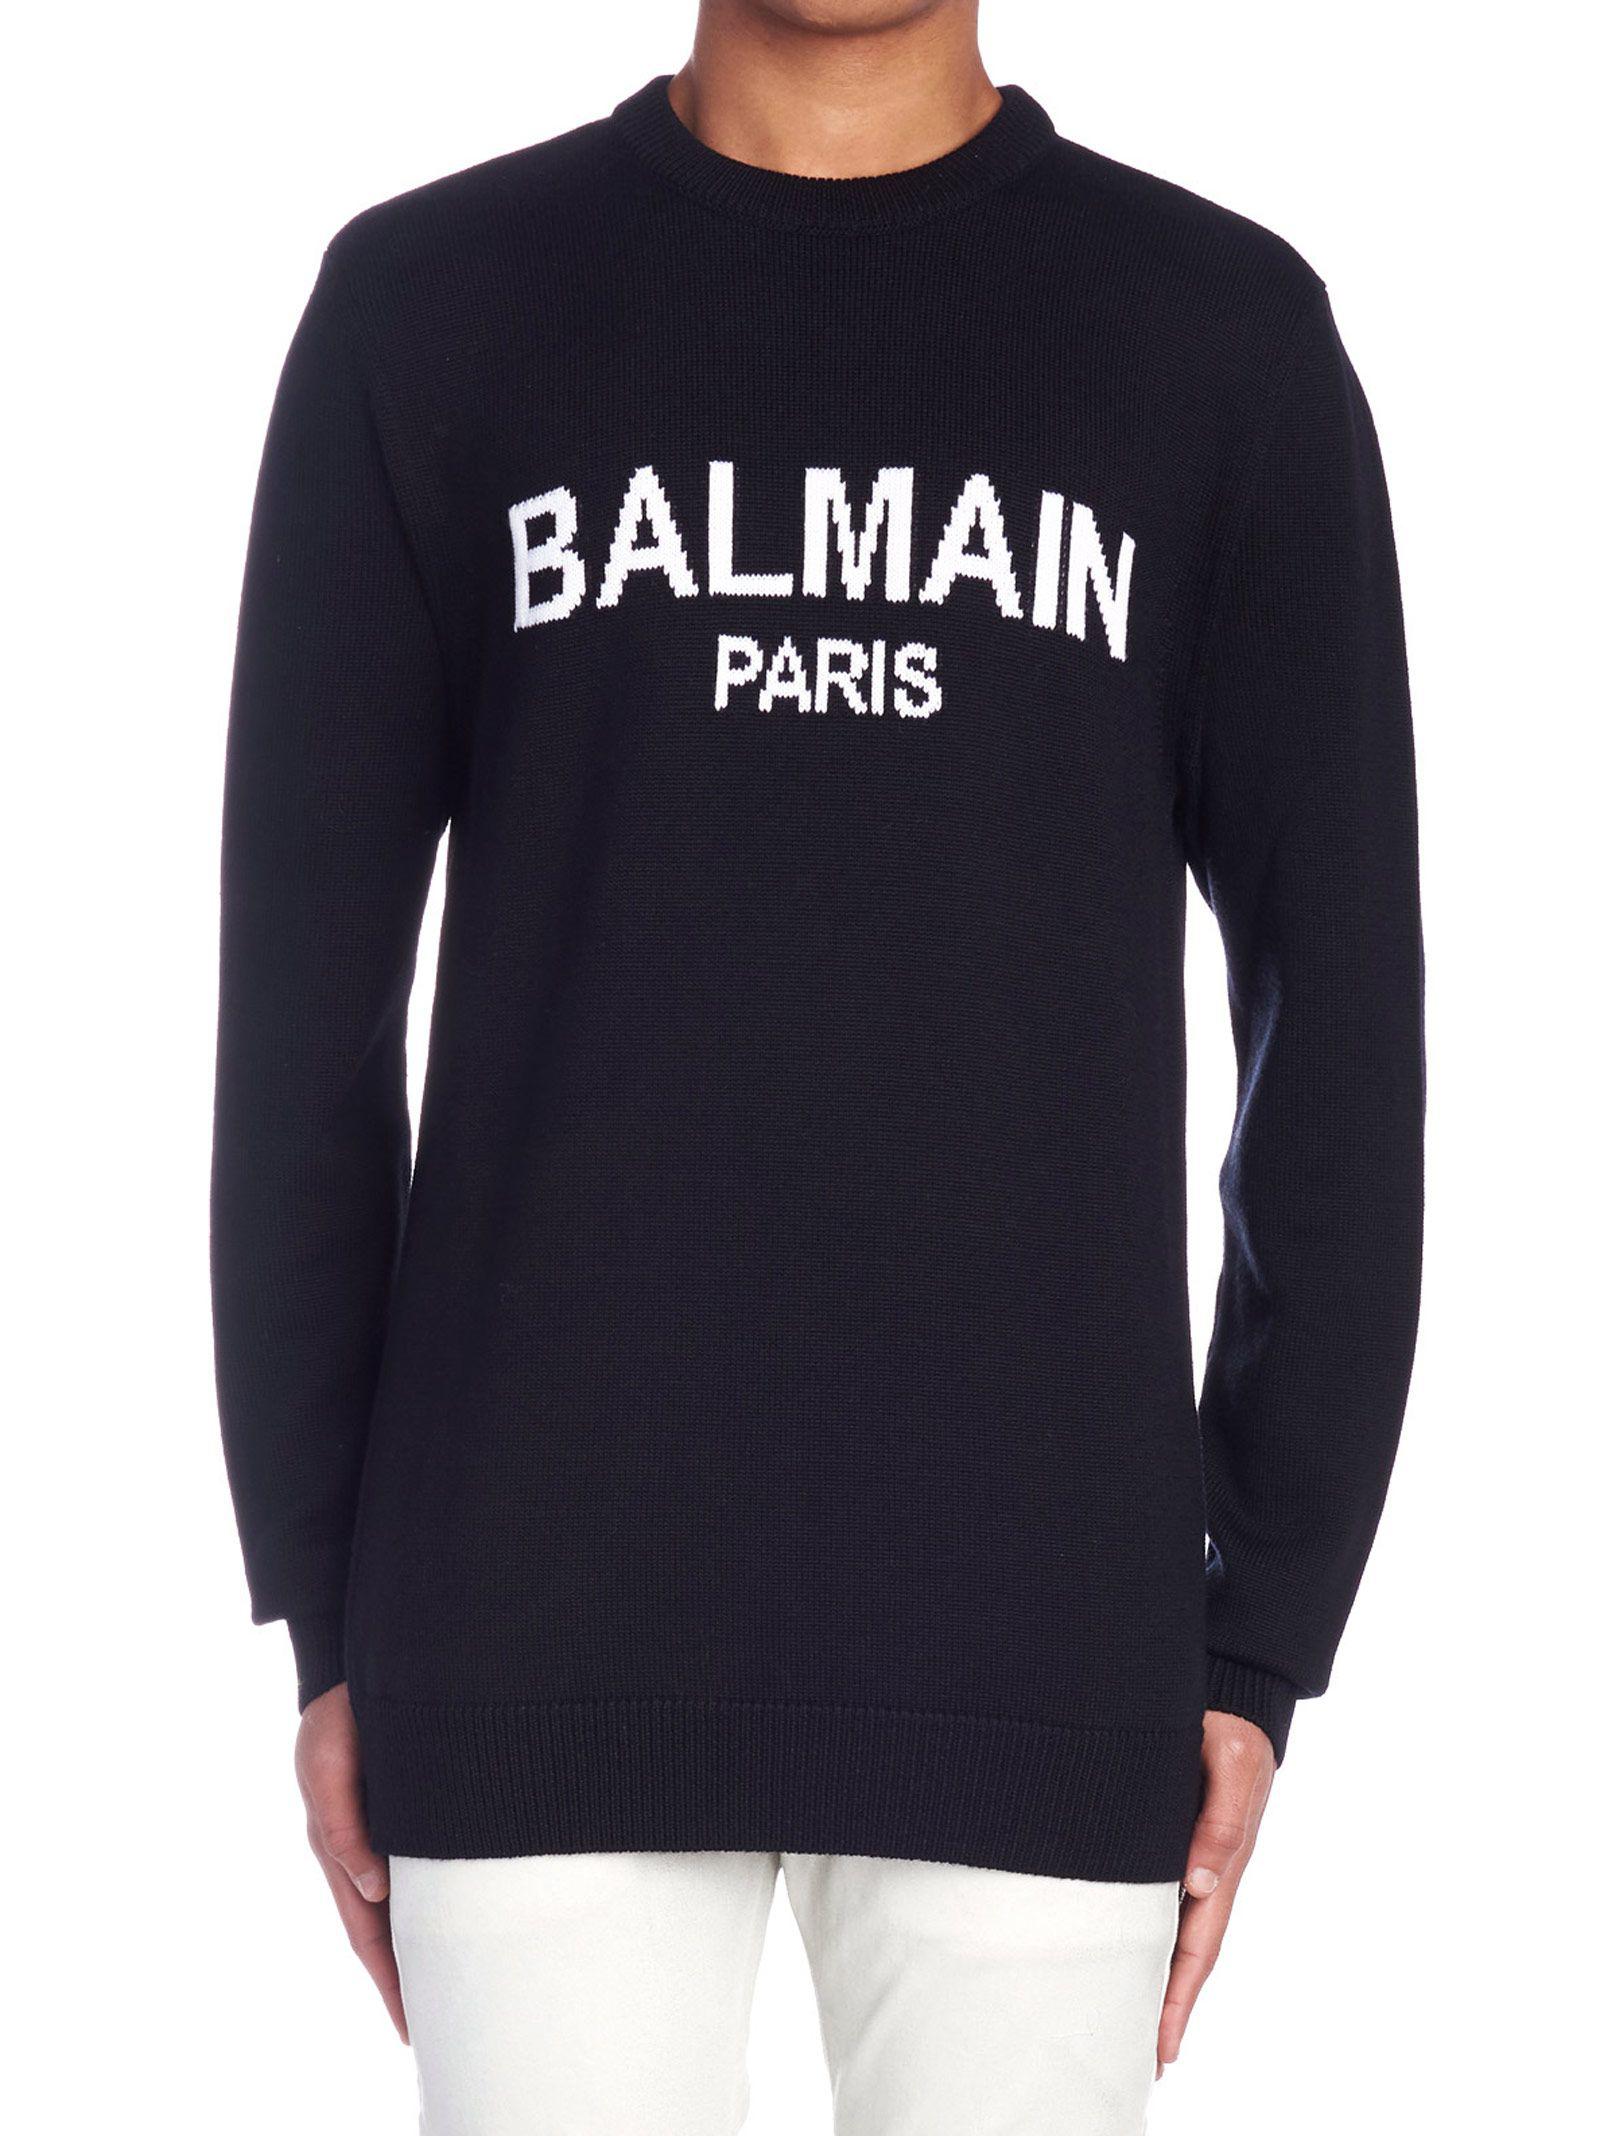 Paris Modesens In Sweater Logo Black Balmain zAqgA